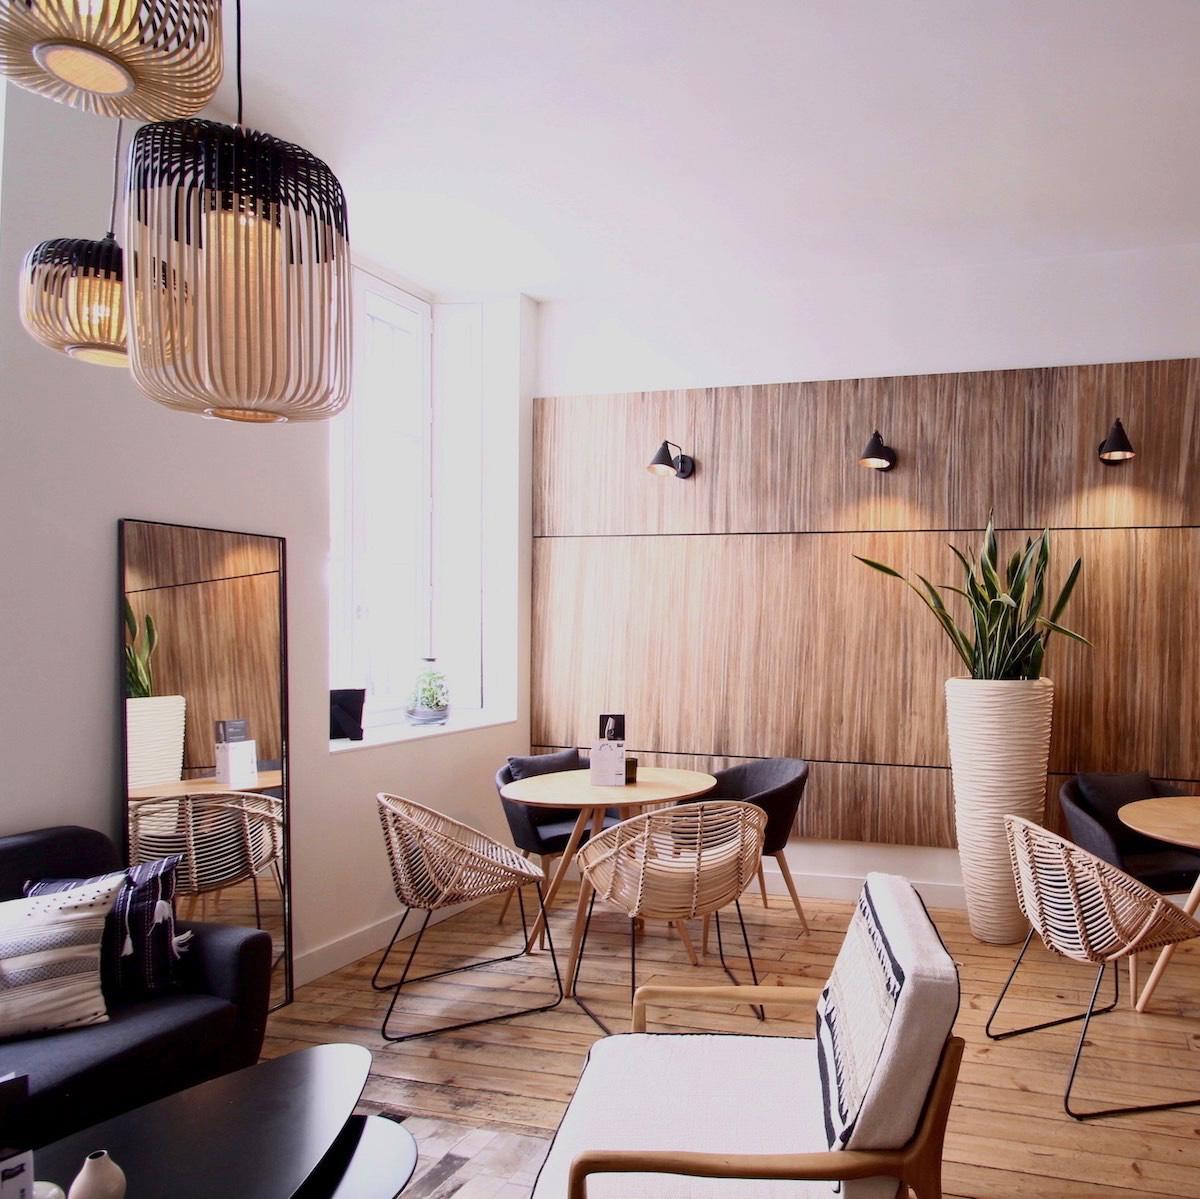 Hotel-design-bordeaux-centre-2M